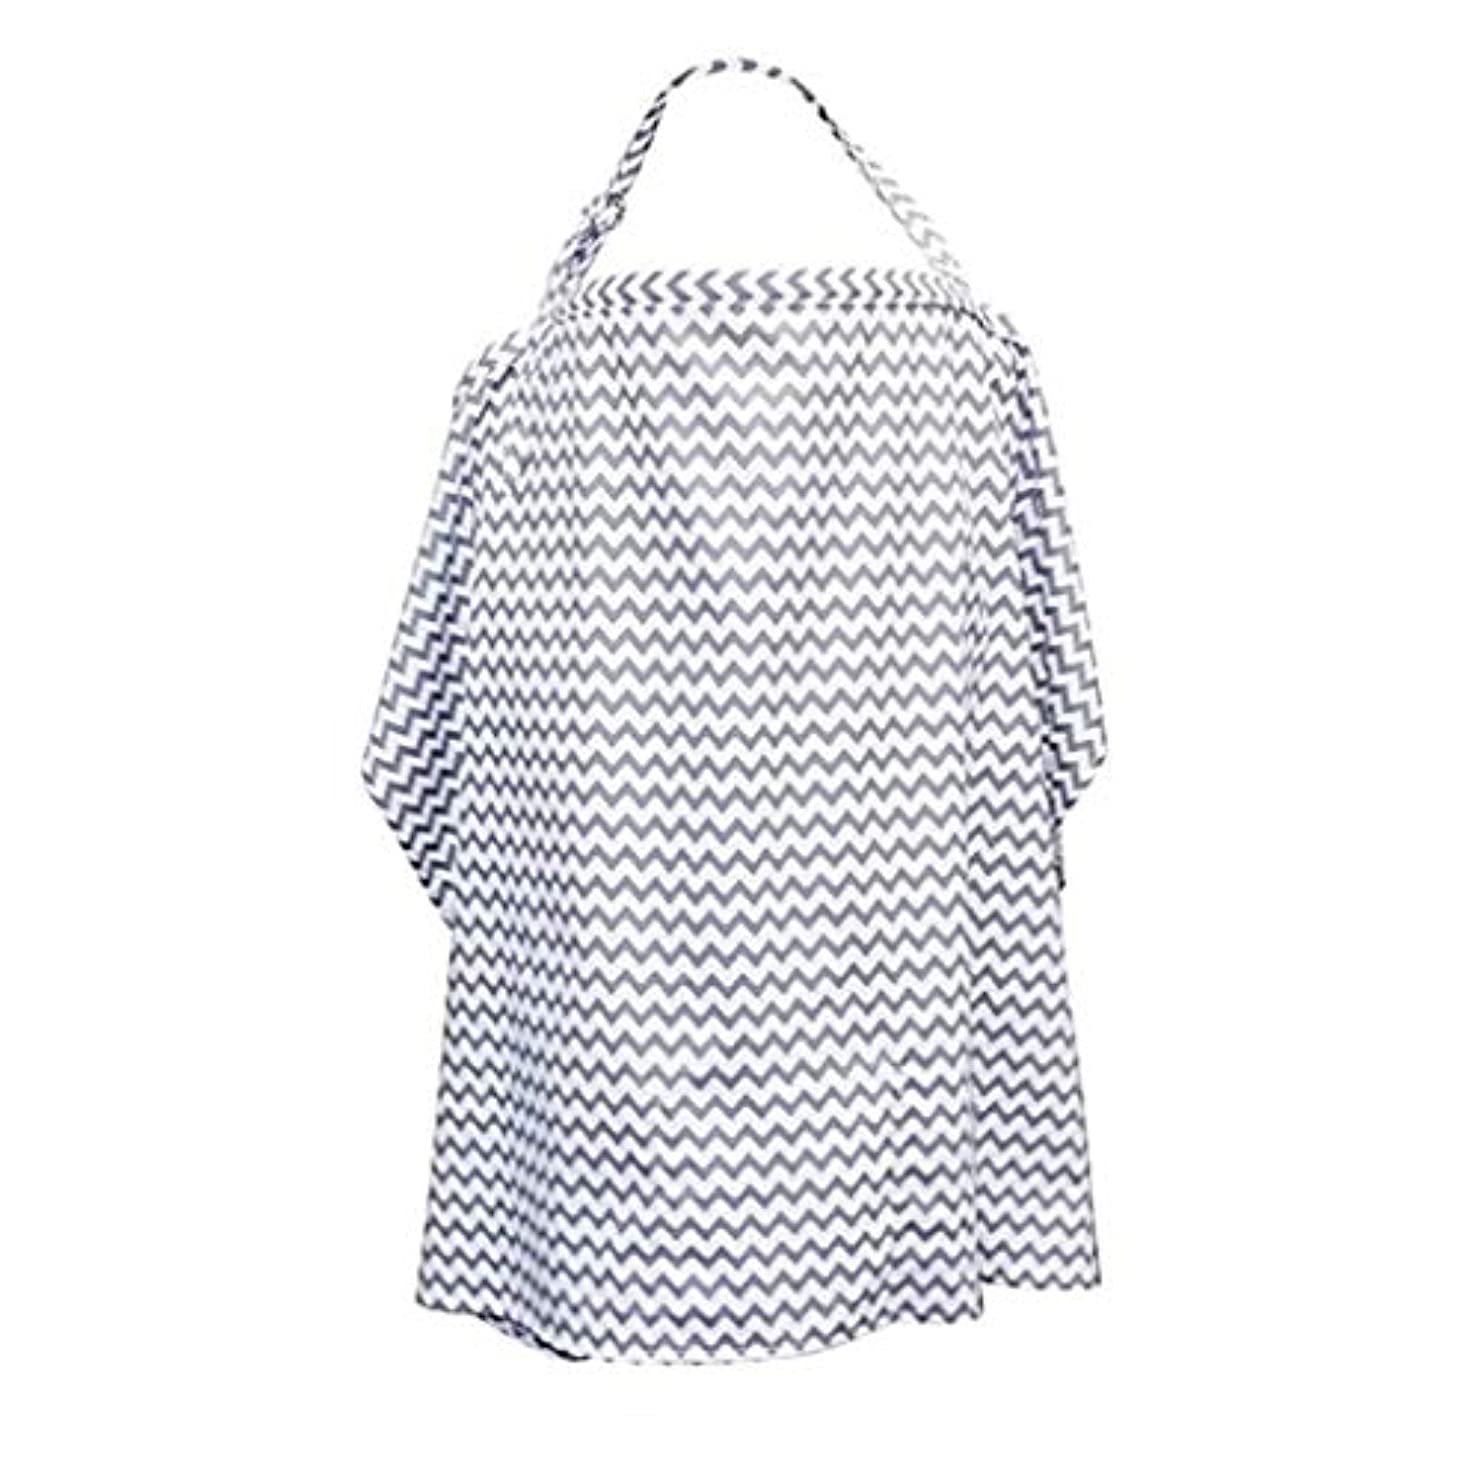 立ち向かう哲学者調節可能なストラップ付き母乳育児カバー - 100%プレミアムコットンベースの看護カバー - 屋外給餌赤ちゃん看護布 - 収納バッグ&タオルコーナー (グレー)